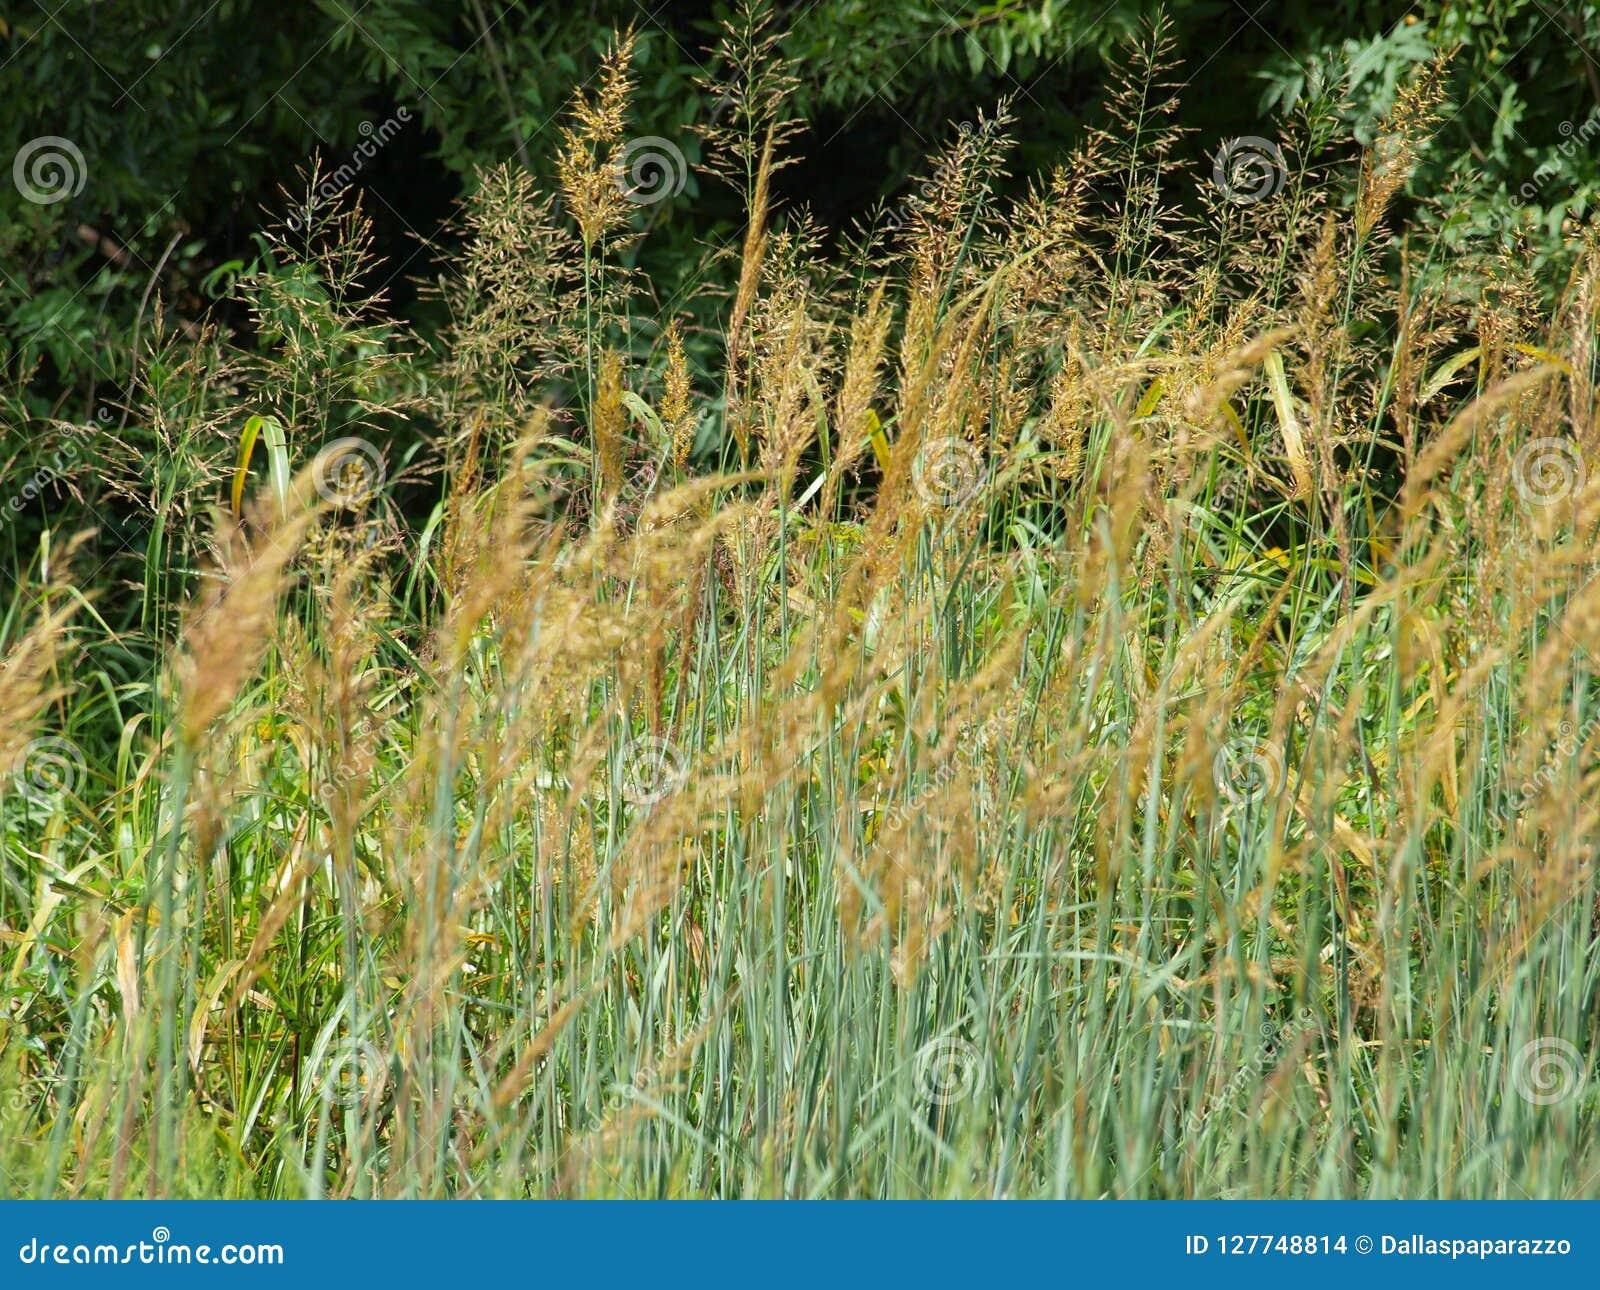 Amber Waves Of Grain Comes una volta regolarmente